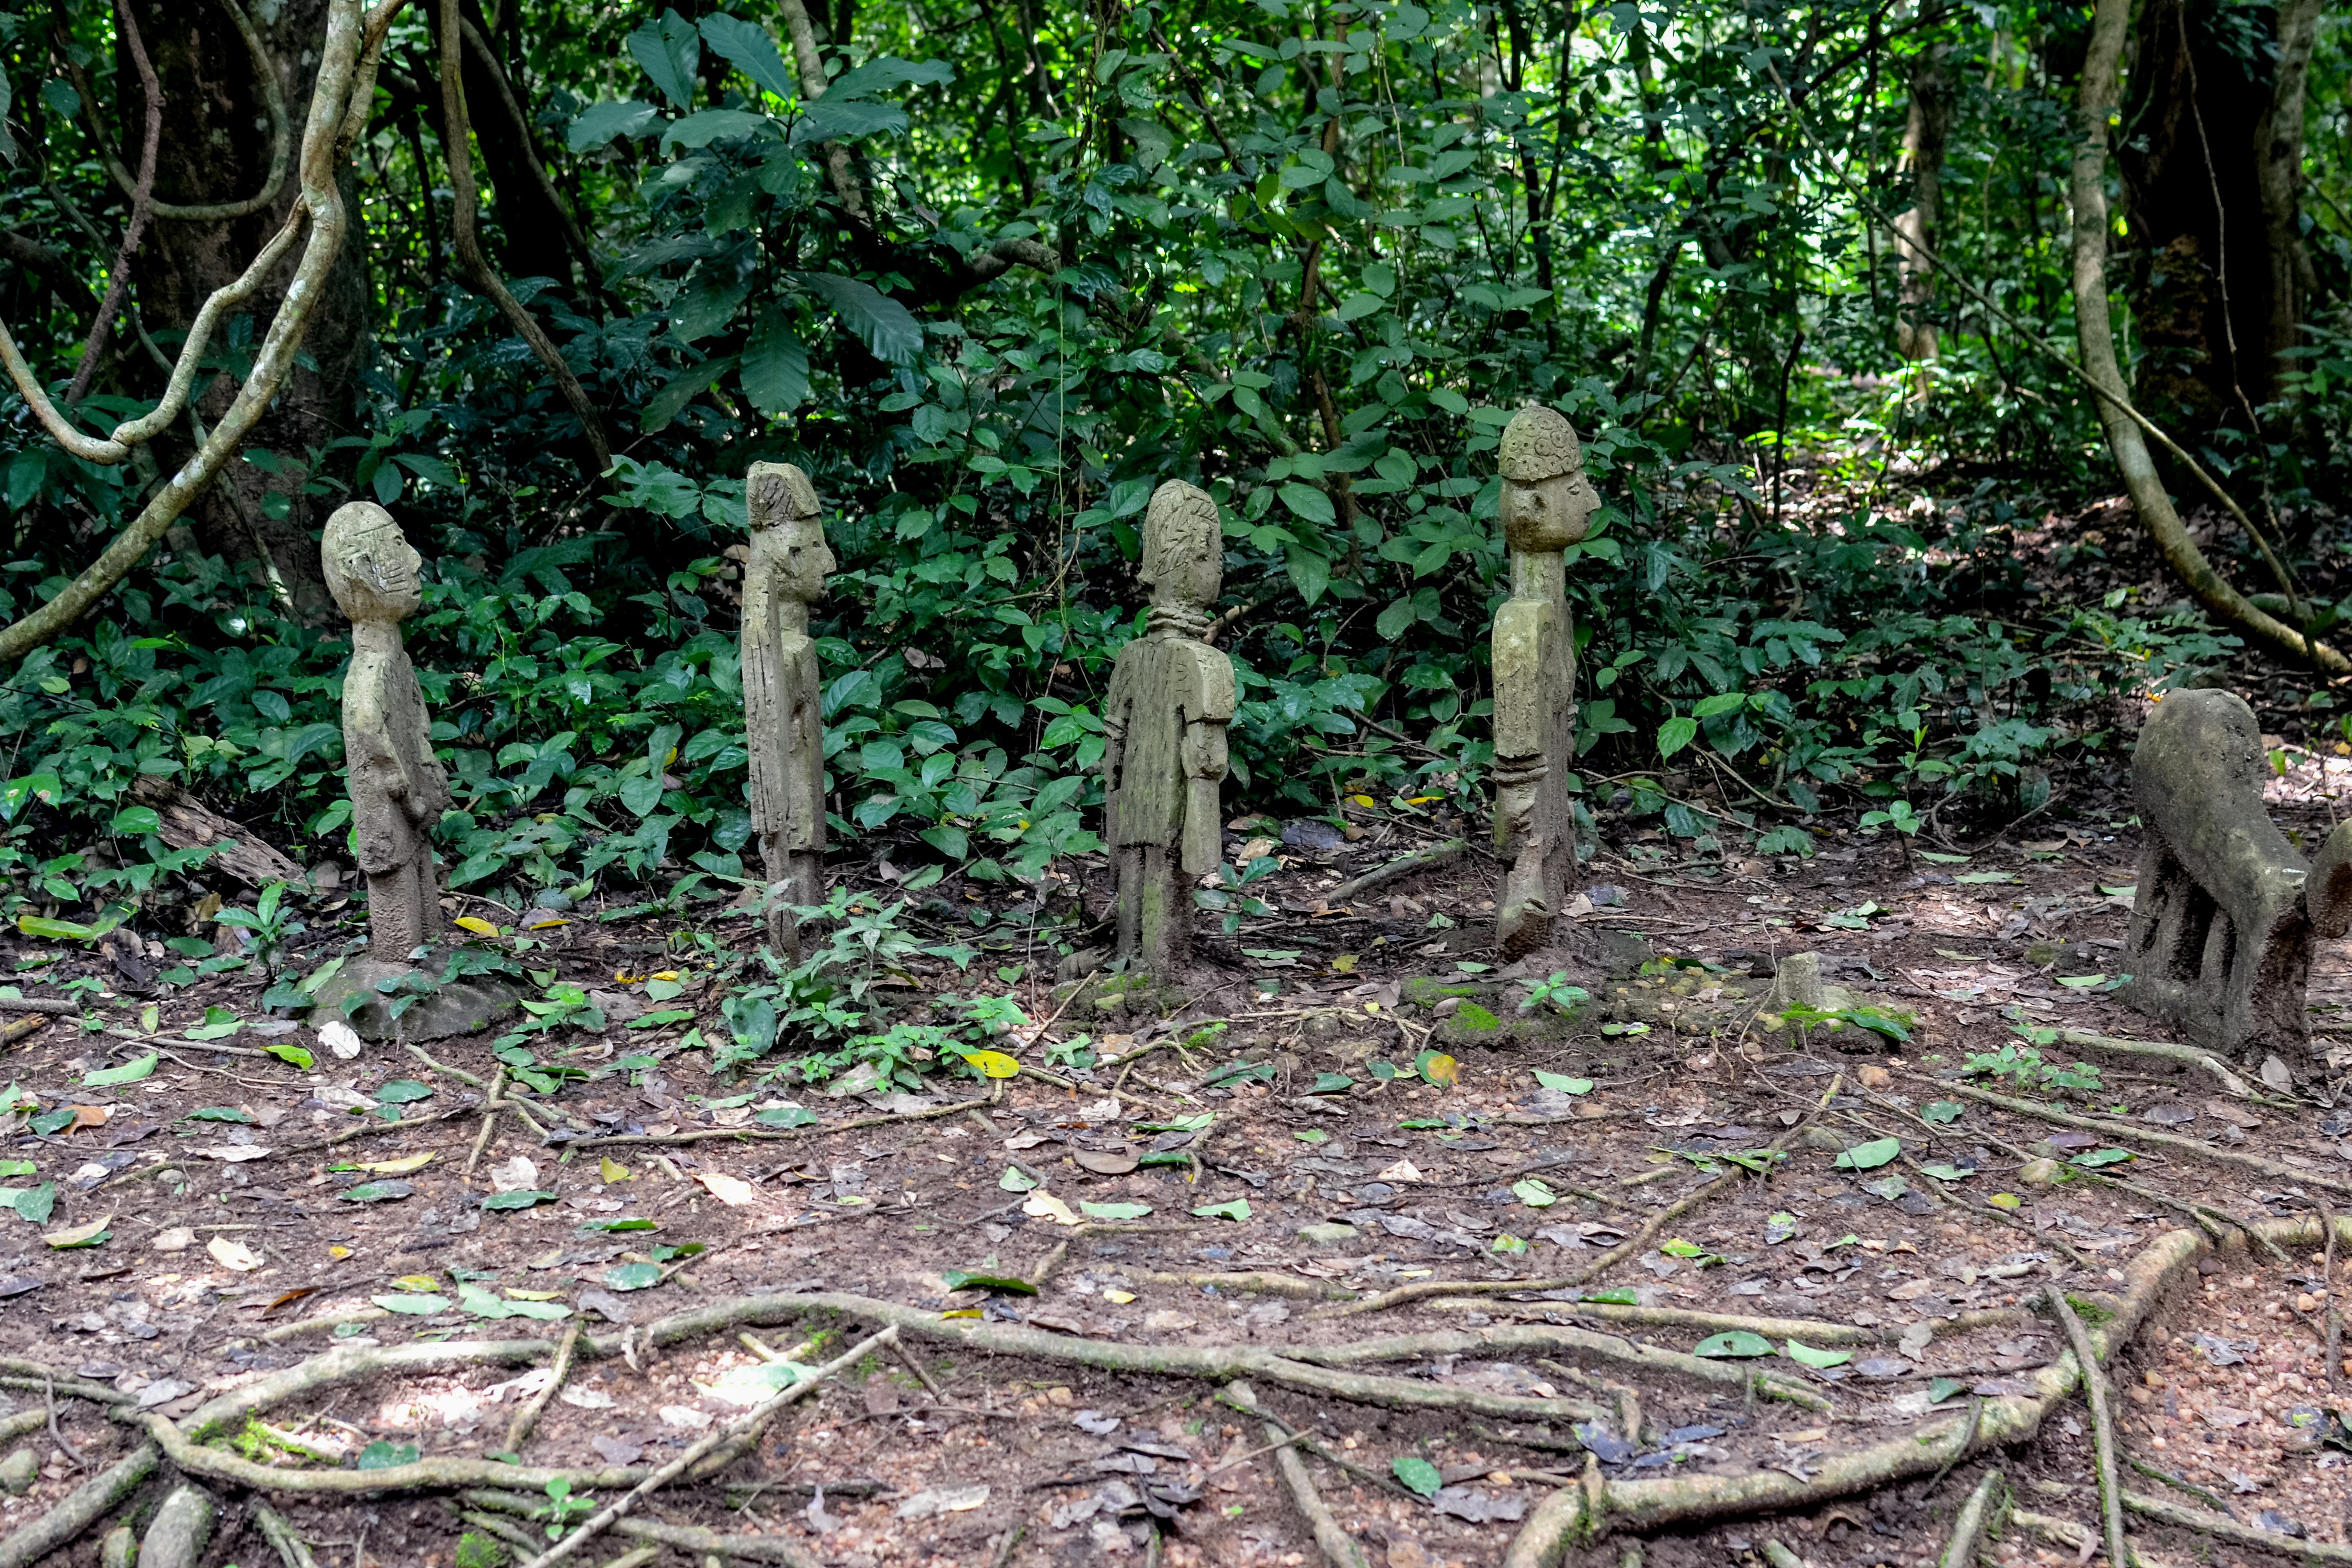 File:Adunni Olorisha carvings at the Sacred Grove Of Oshun